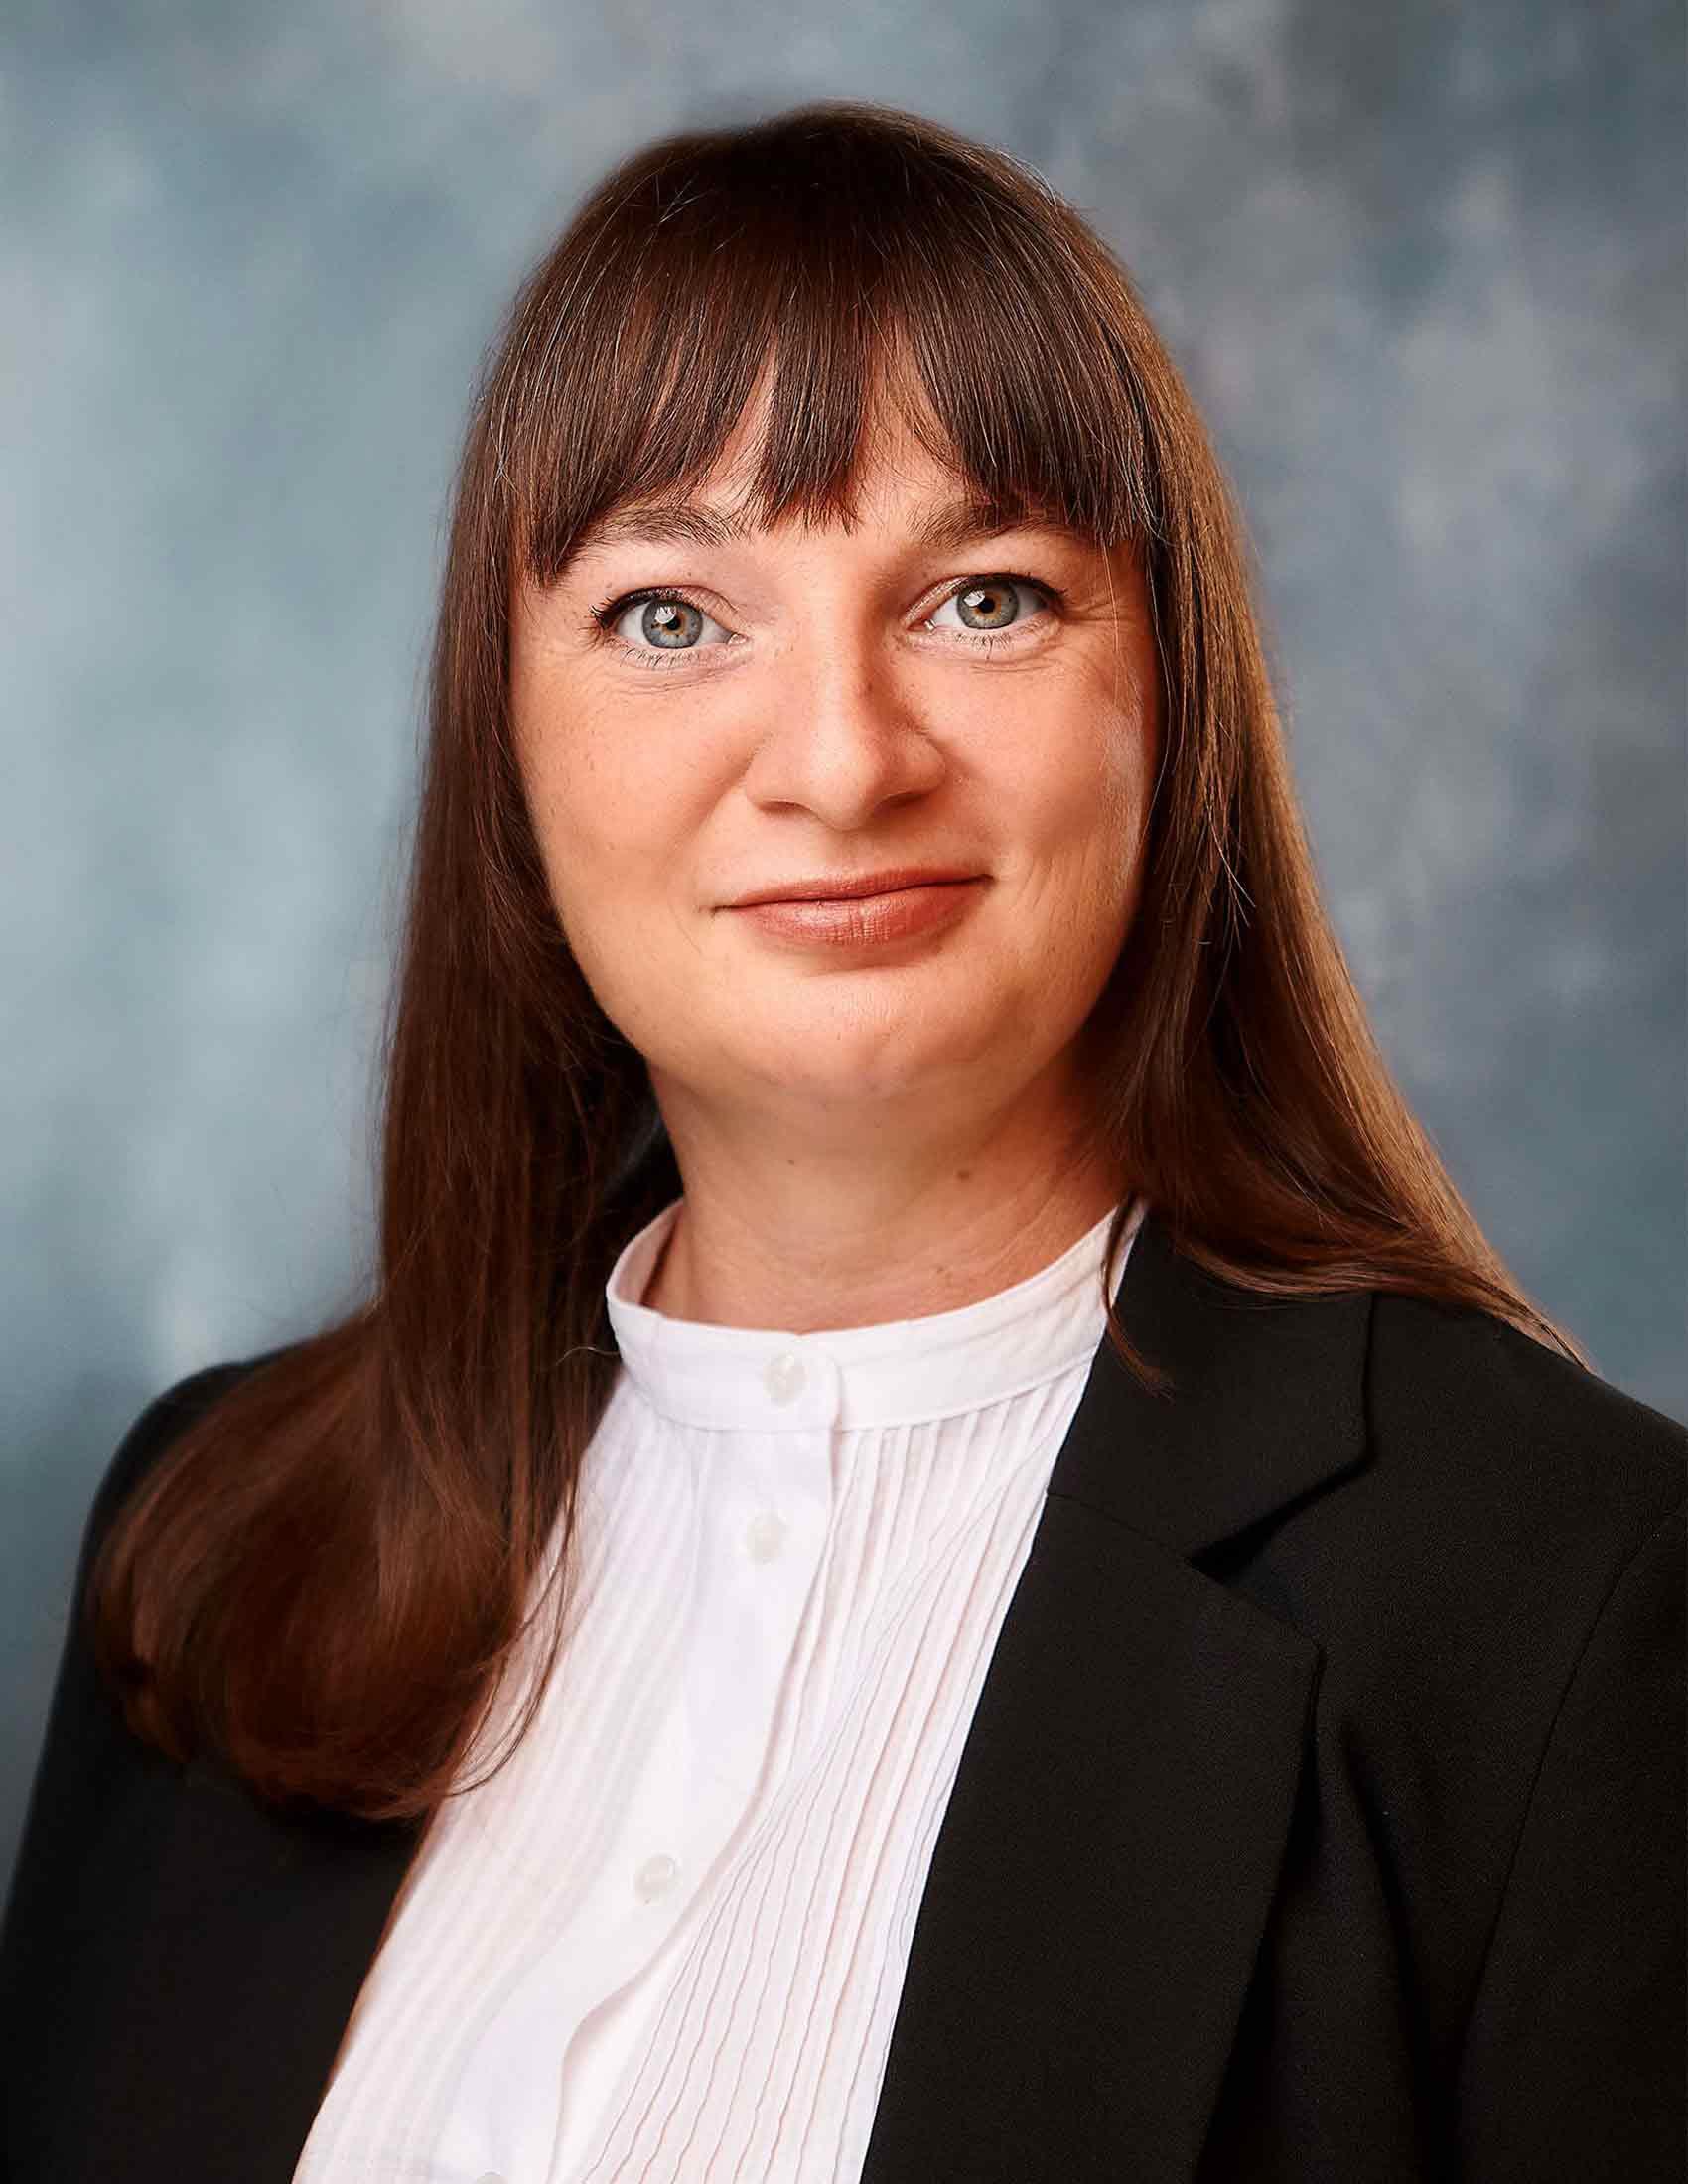 Rebecca Nejedli